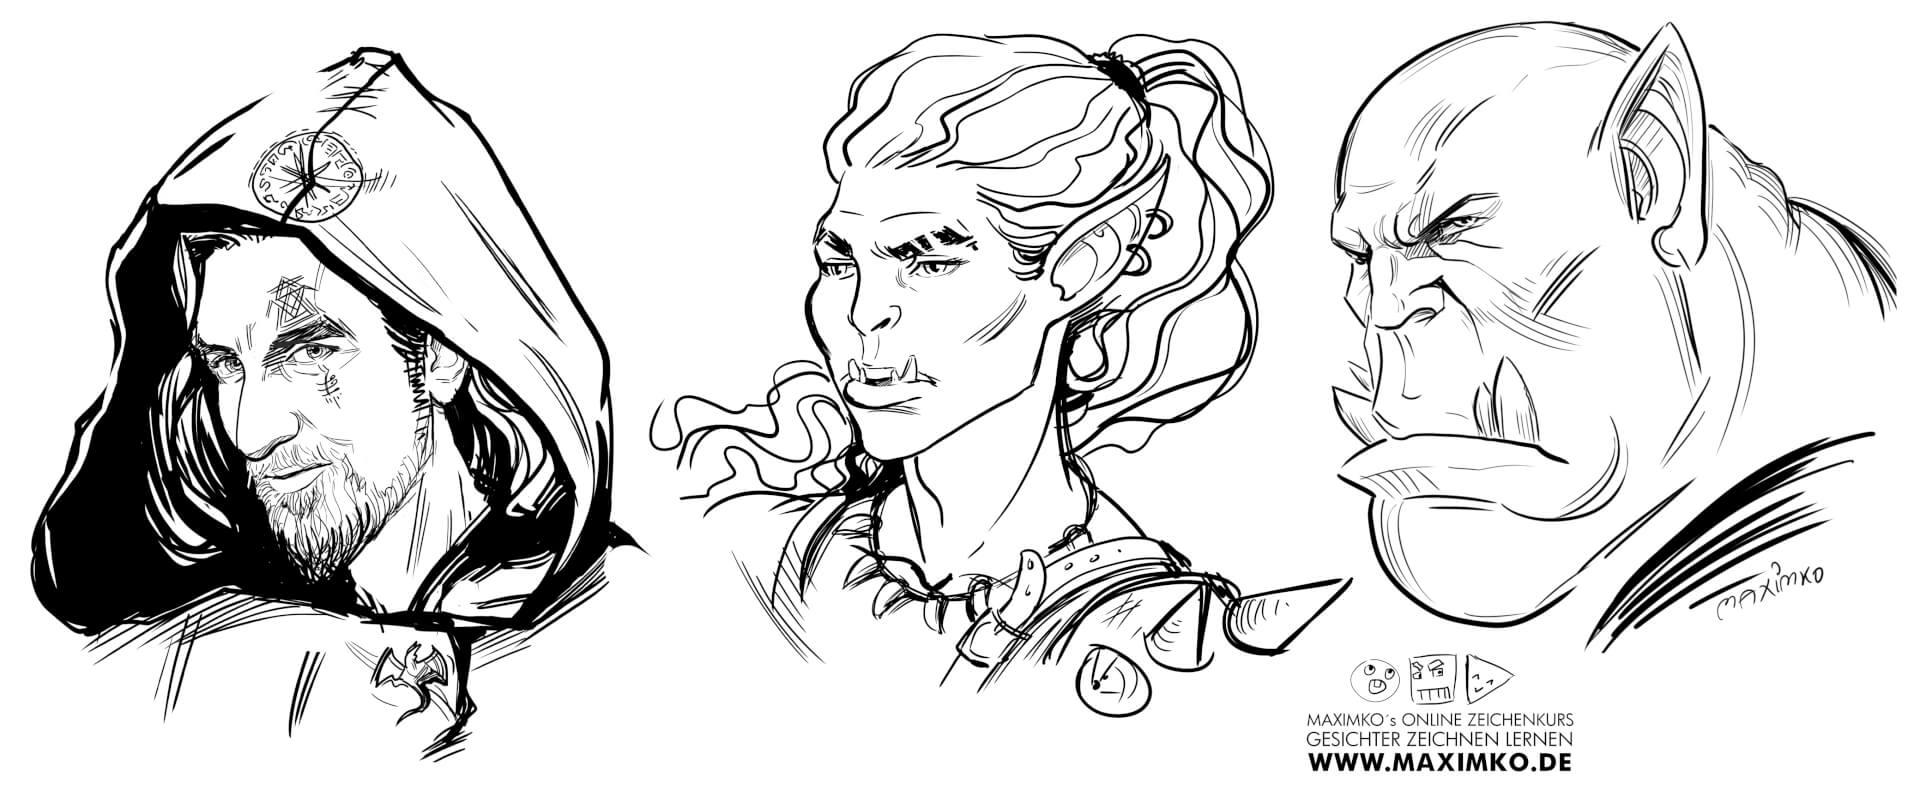 gesichter zeichnen lernen online grundlagen 2 ork magier fantasy charakter maximko simonenko